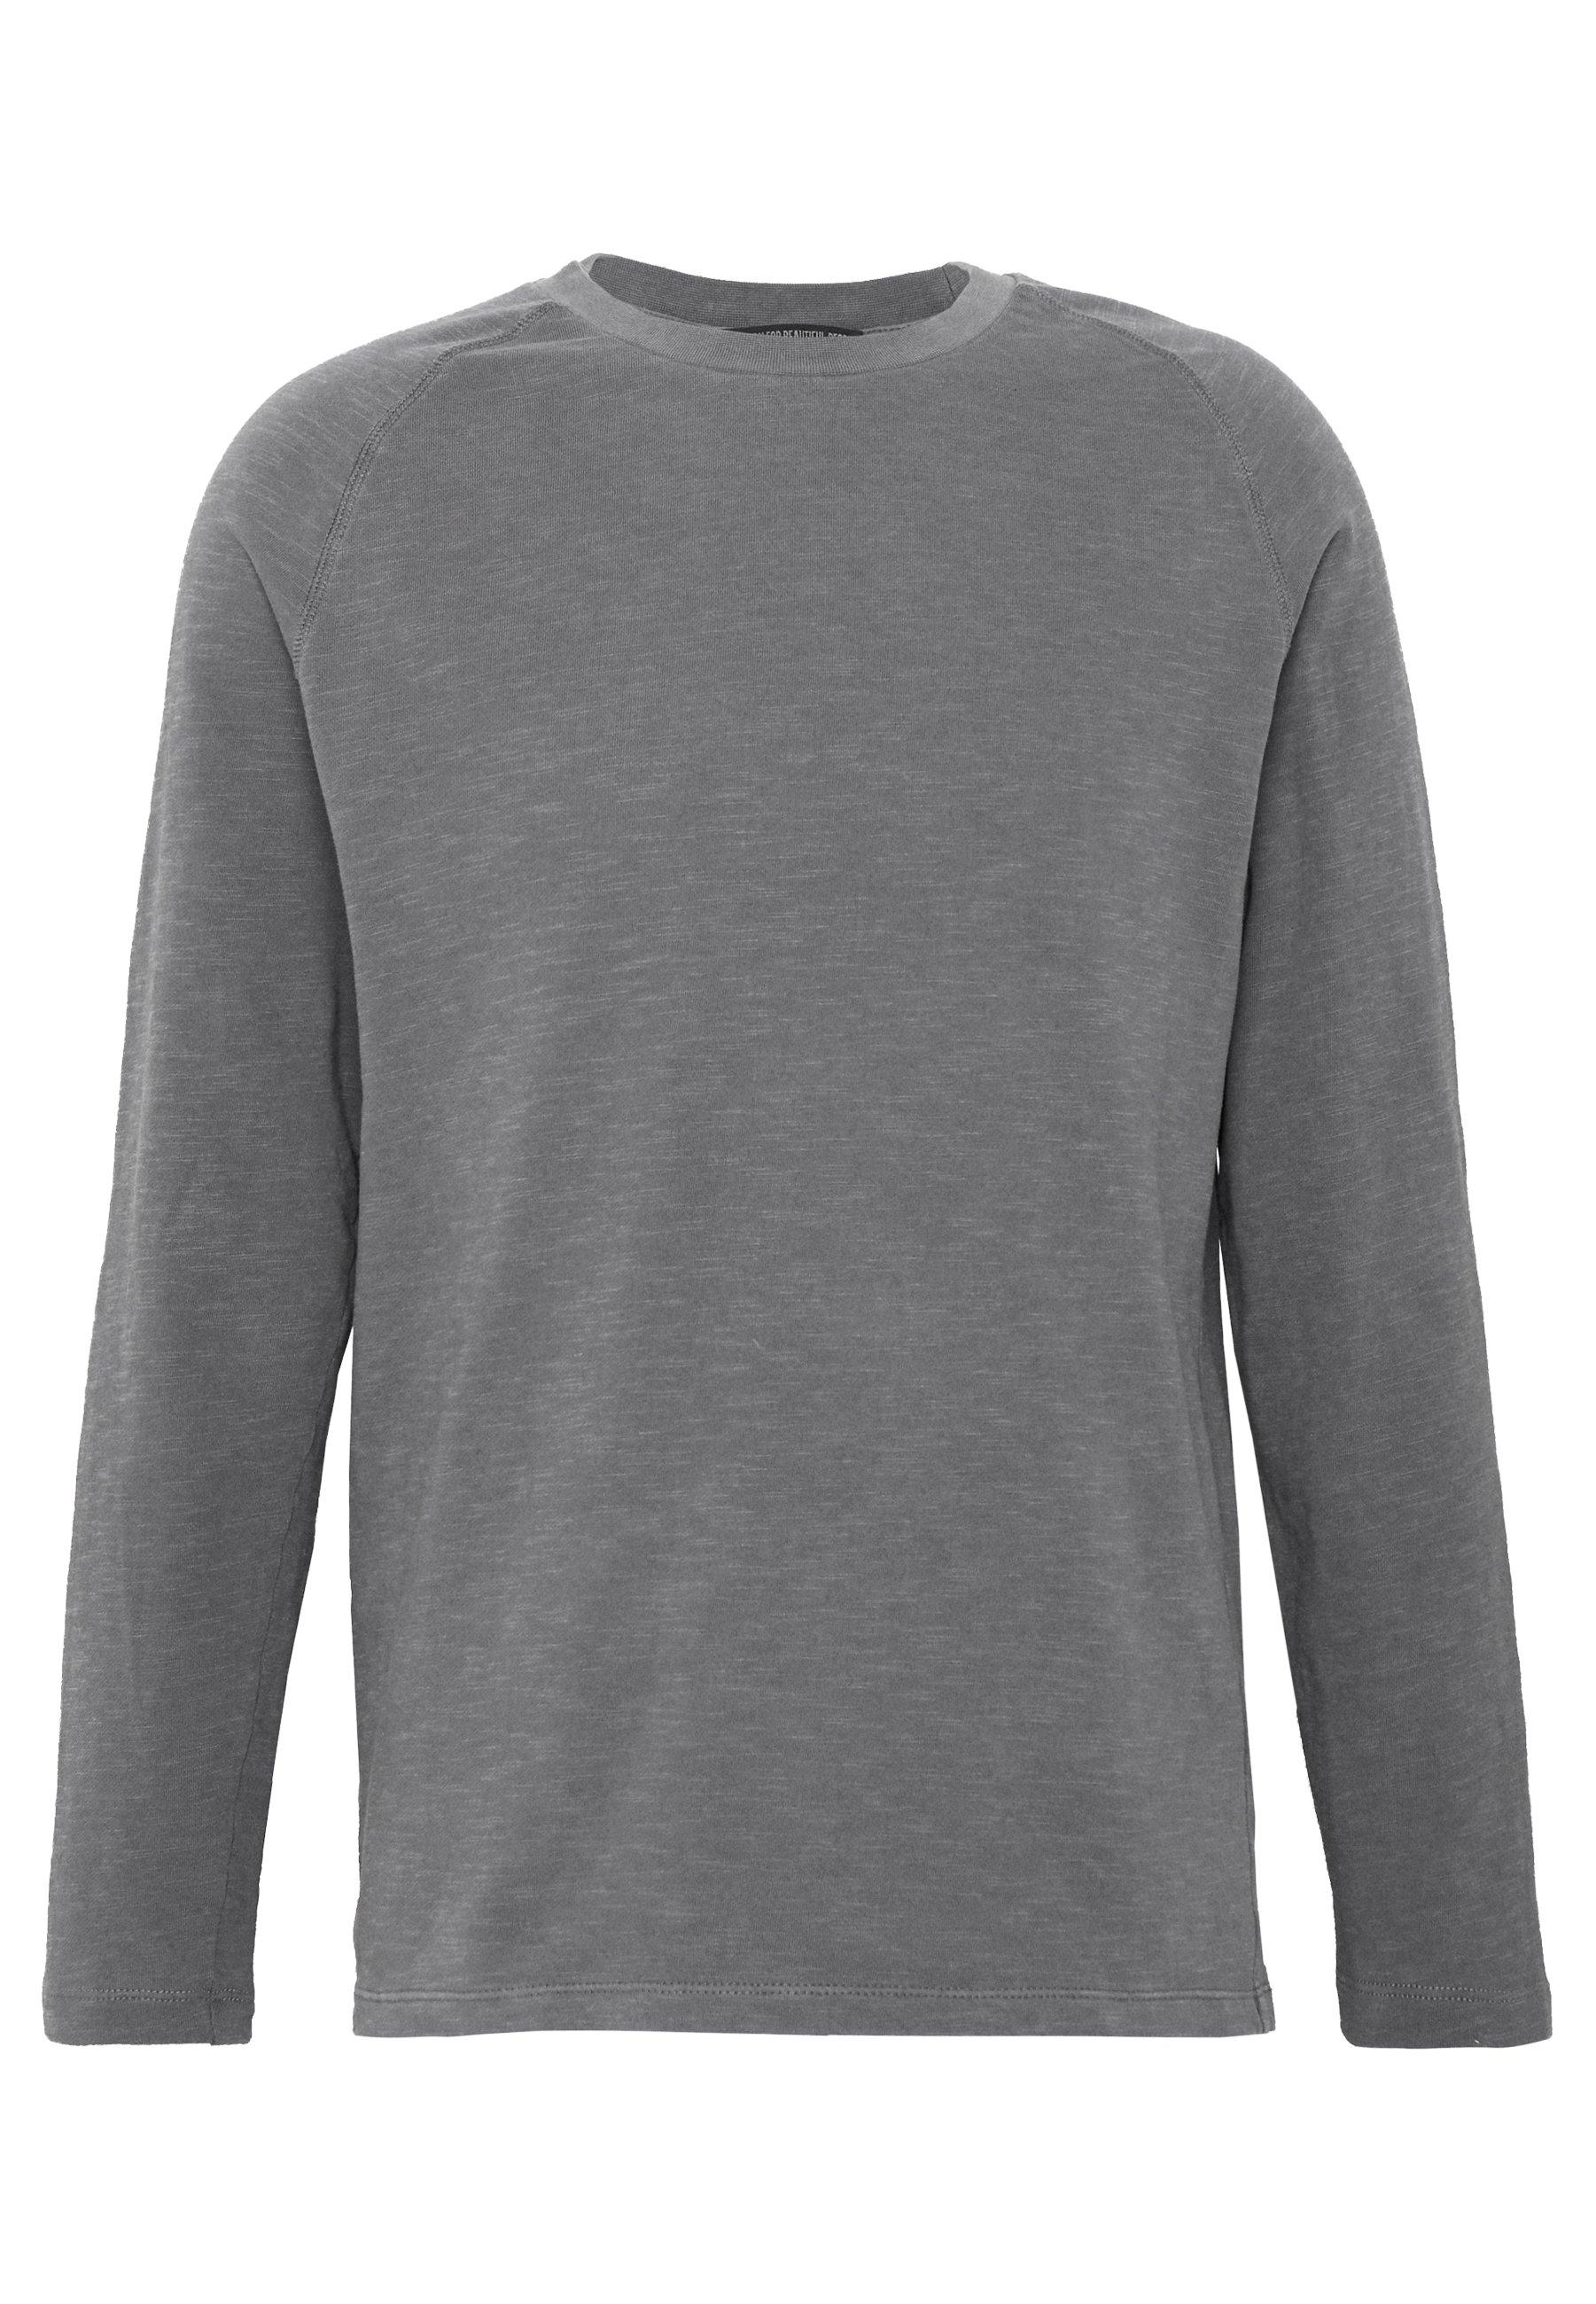 drykorn sweatshirt herren